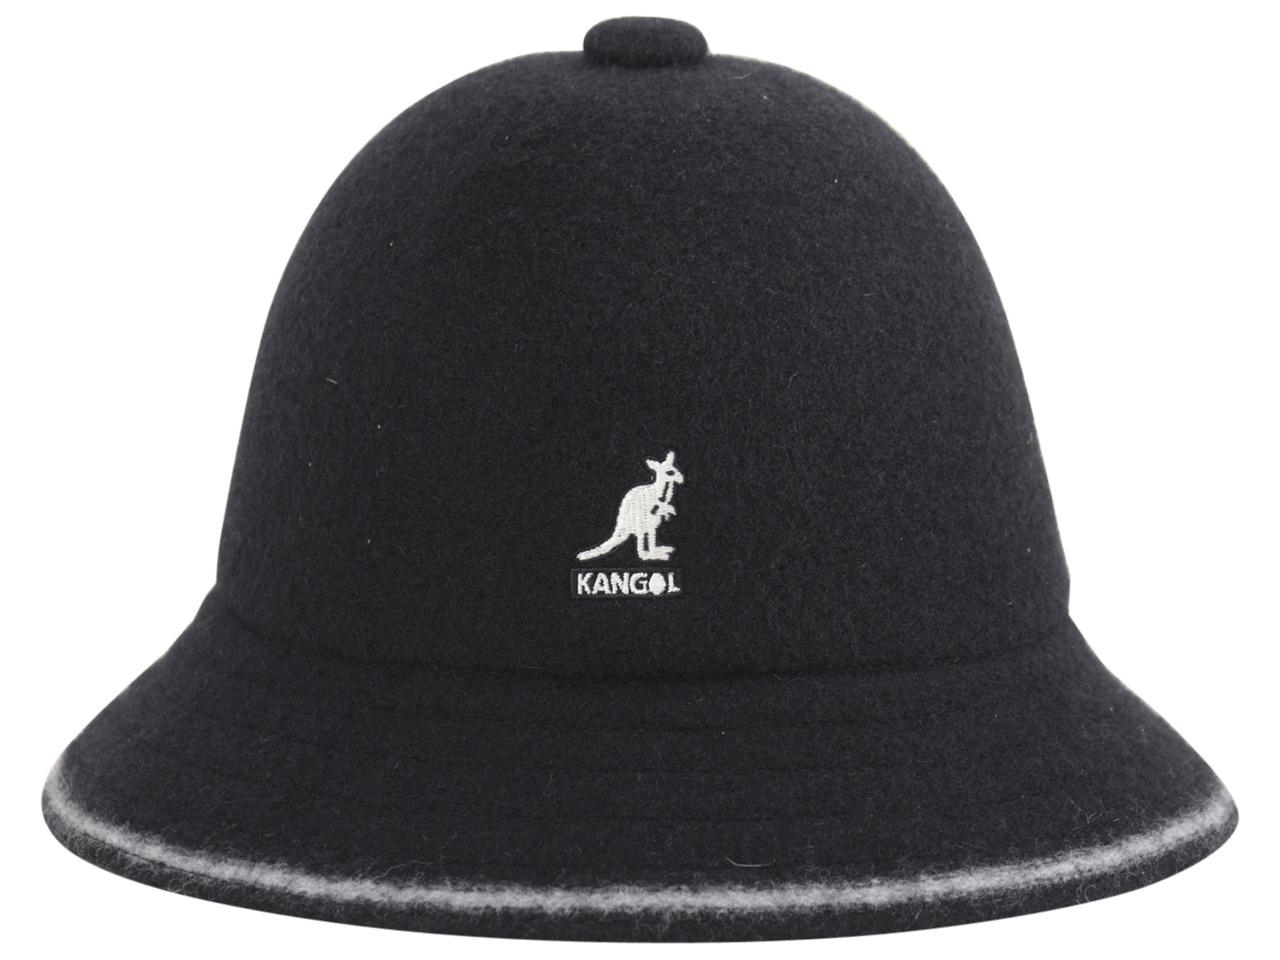 a4ce7545feb6 Kangol Men's Stripe Casual Bucket Hat | eBay